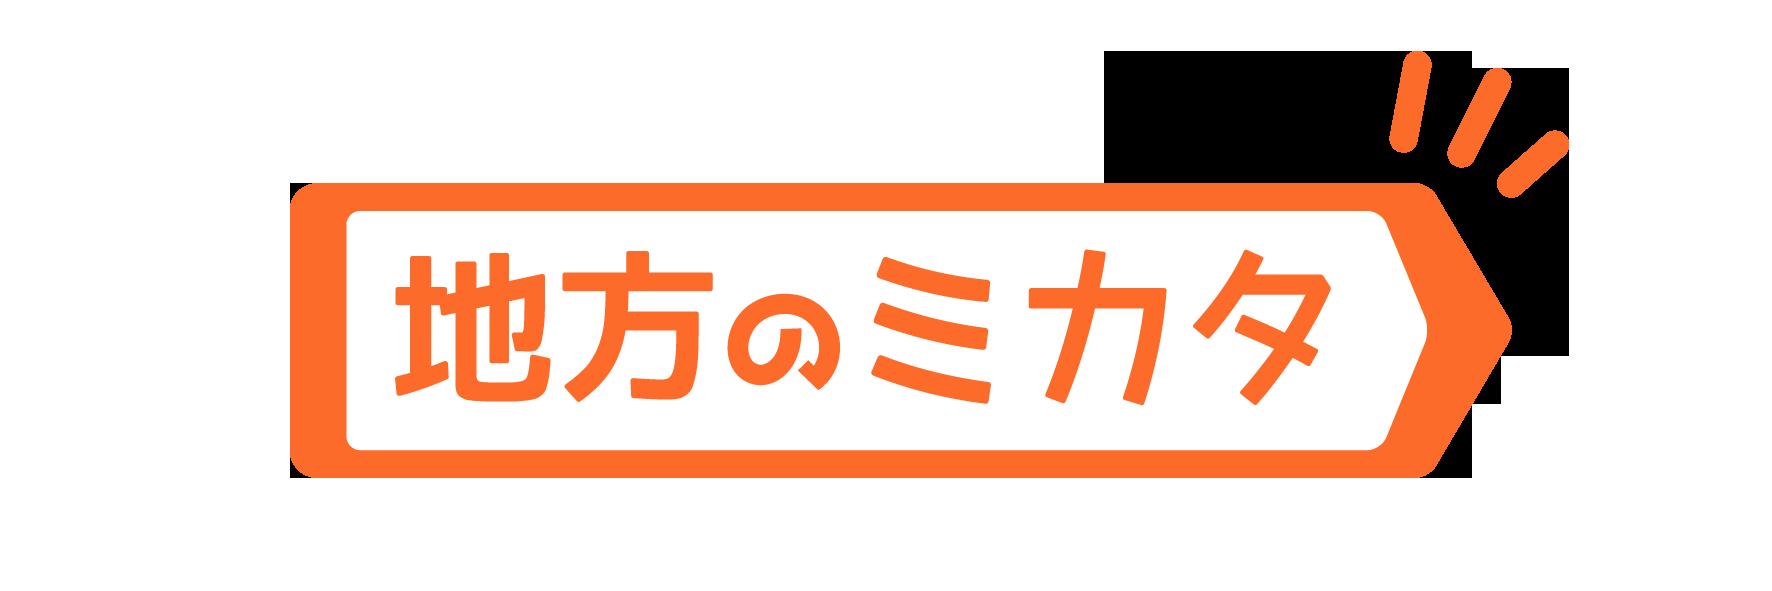 地方のミカタ ロゴ